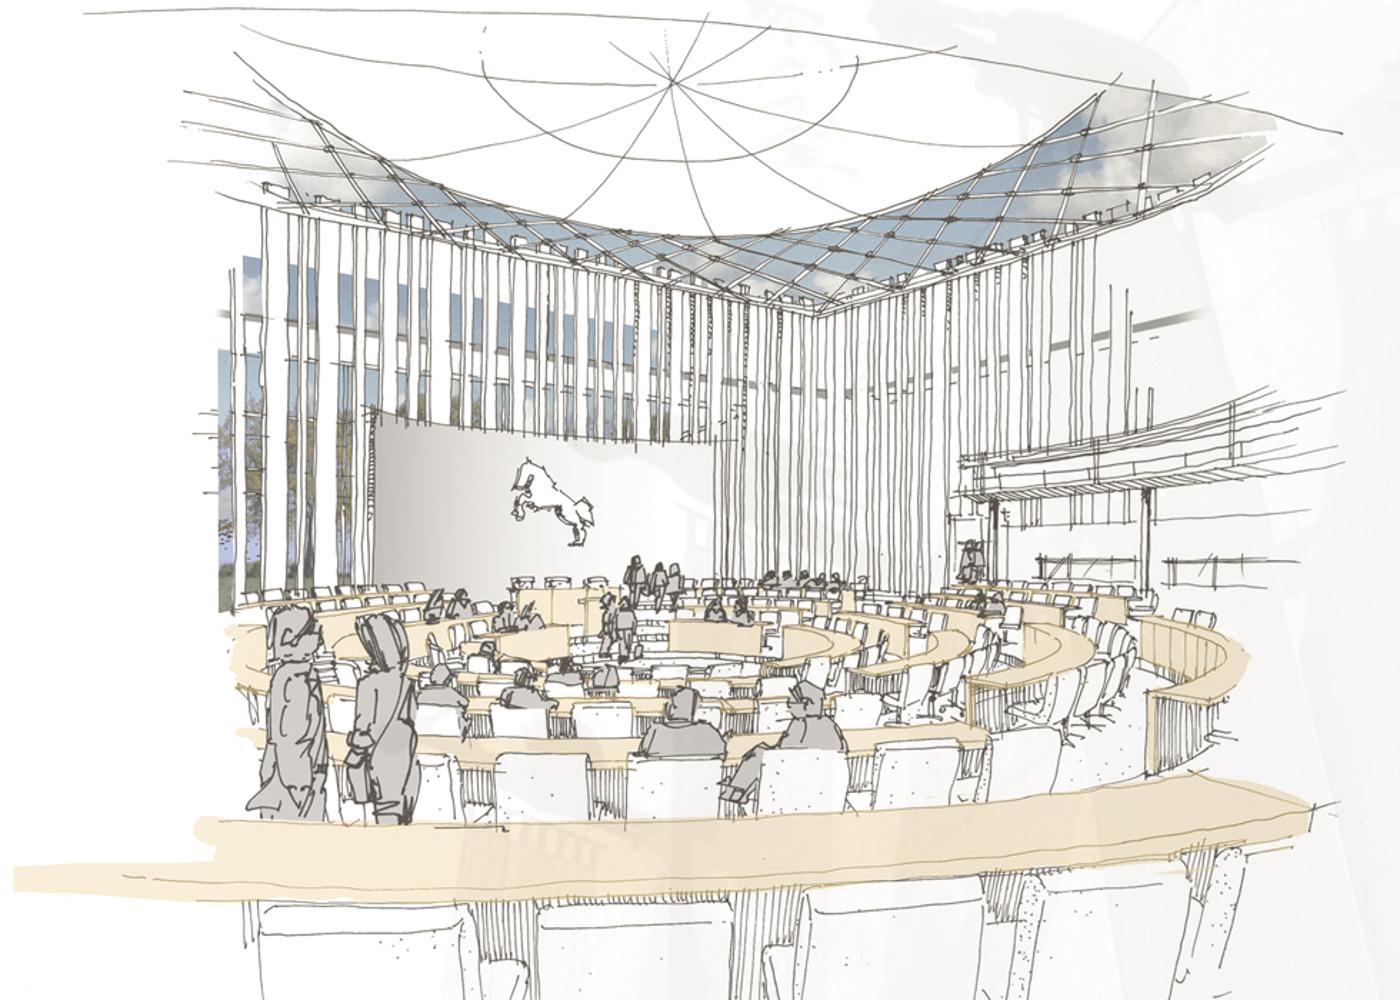 Visualisierung Wettbewerb Plenarsaal Hannover Wandelhalle